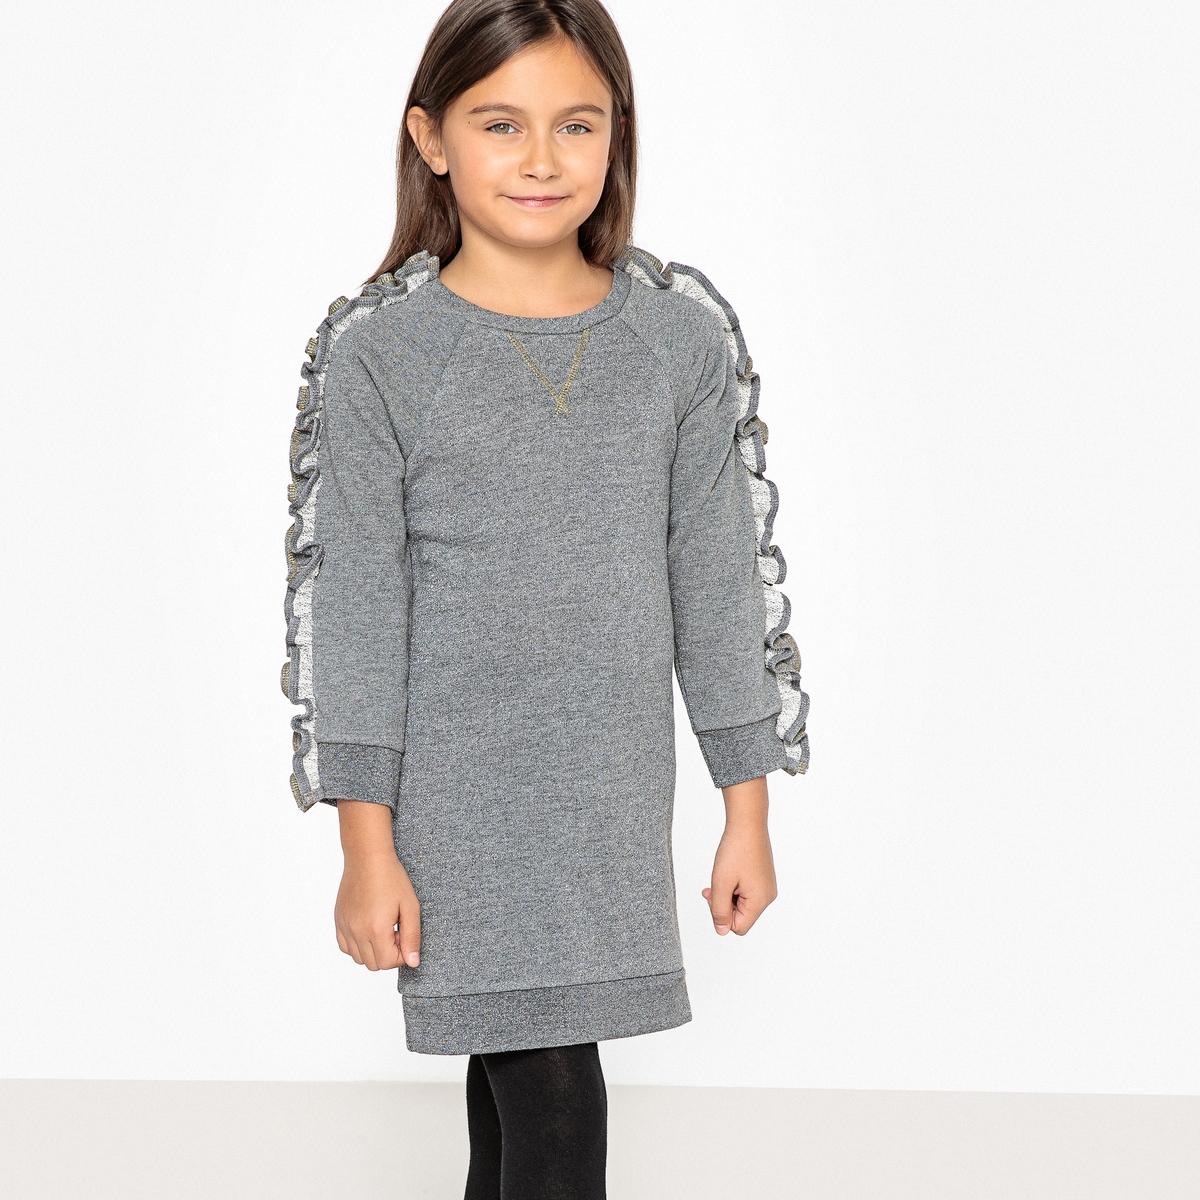 цена Платье La Redoute Из мольтона с воланами 3 года - 94 см серый онлайн в 2017 году